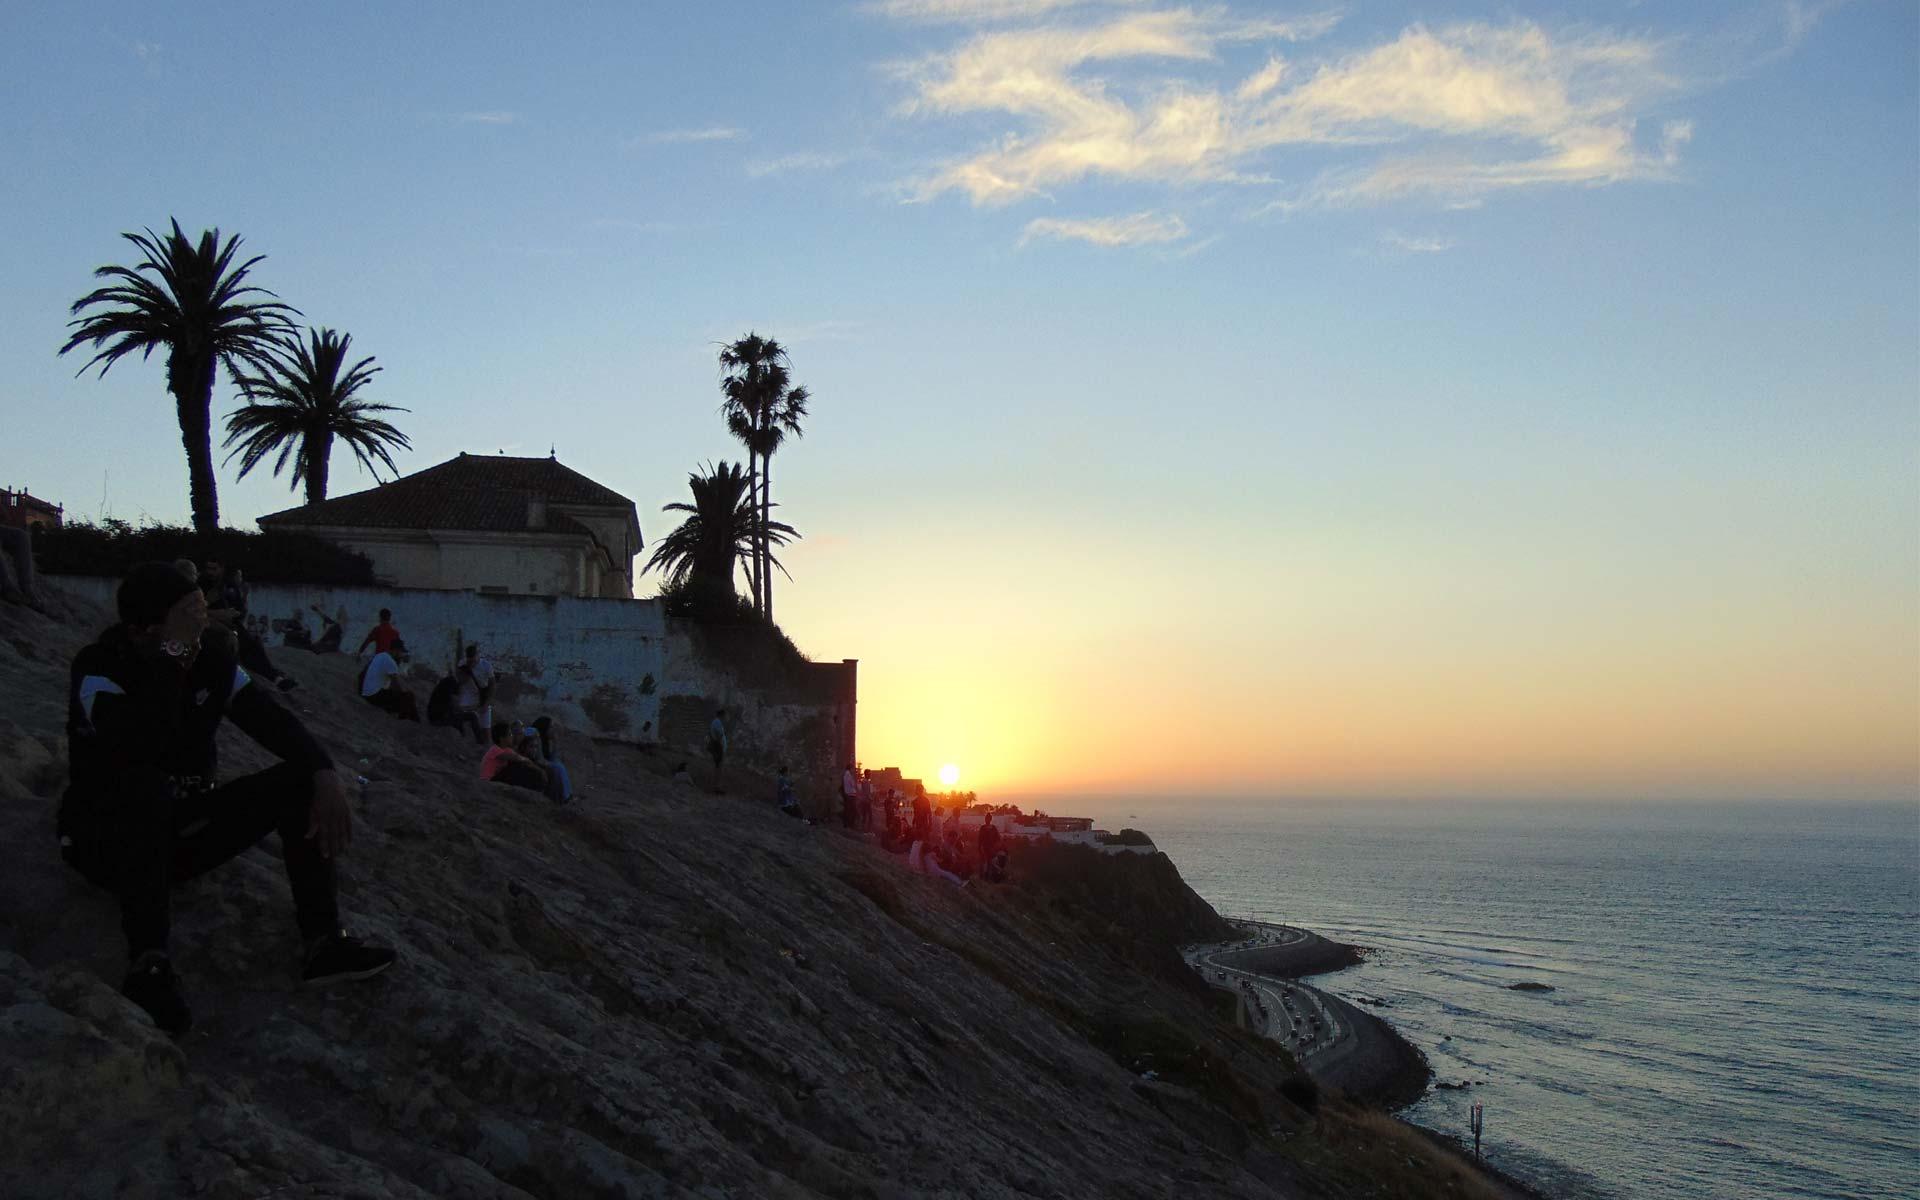 ... im Königreich des Sonnenuntergangs.